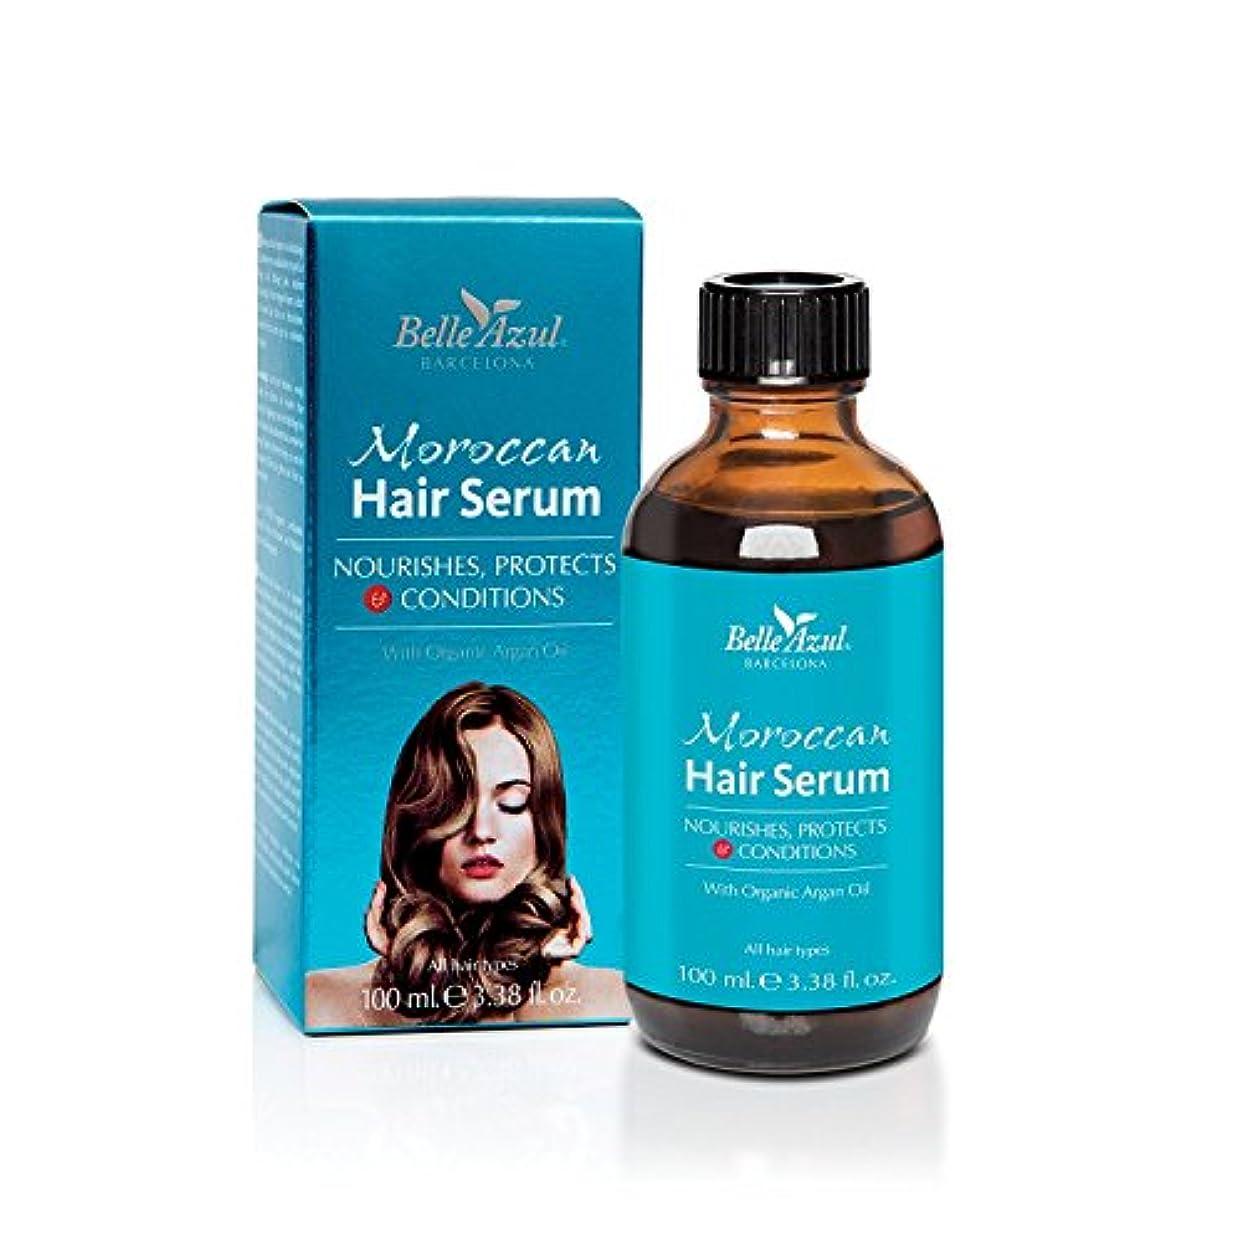 派手通路クリケットベルアスール (Belle Azul) モロッカン ヘア セラム 髪用 美容液 アルガンオイル 配合